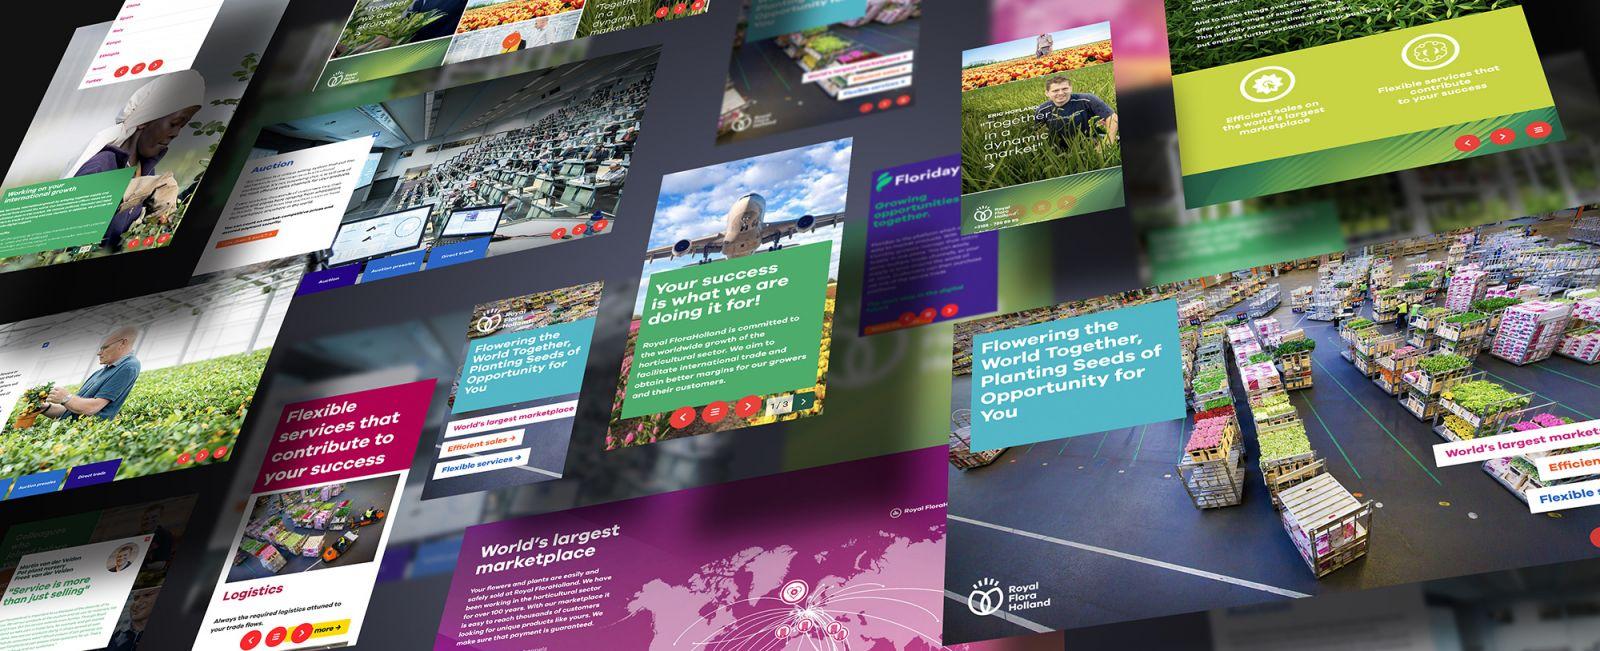 Royal FloraHolland interactive sales brochure